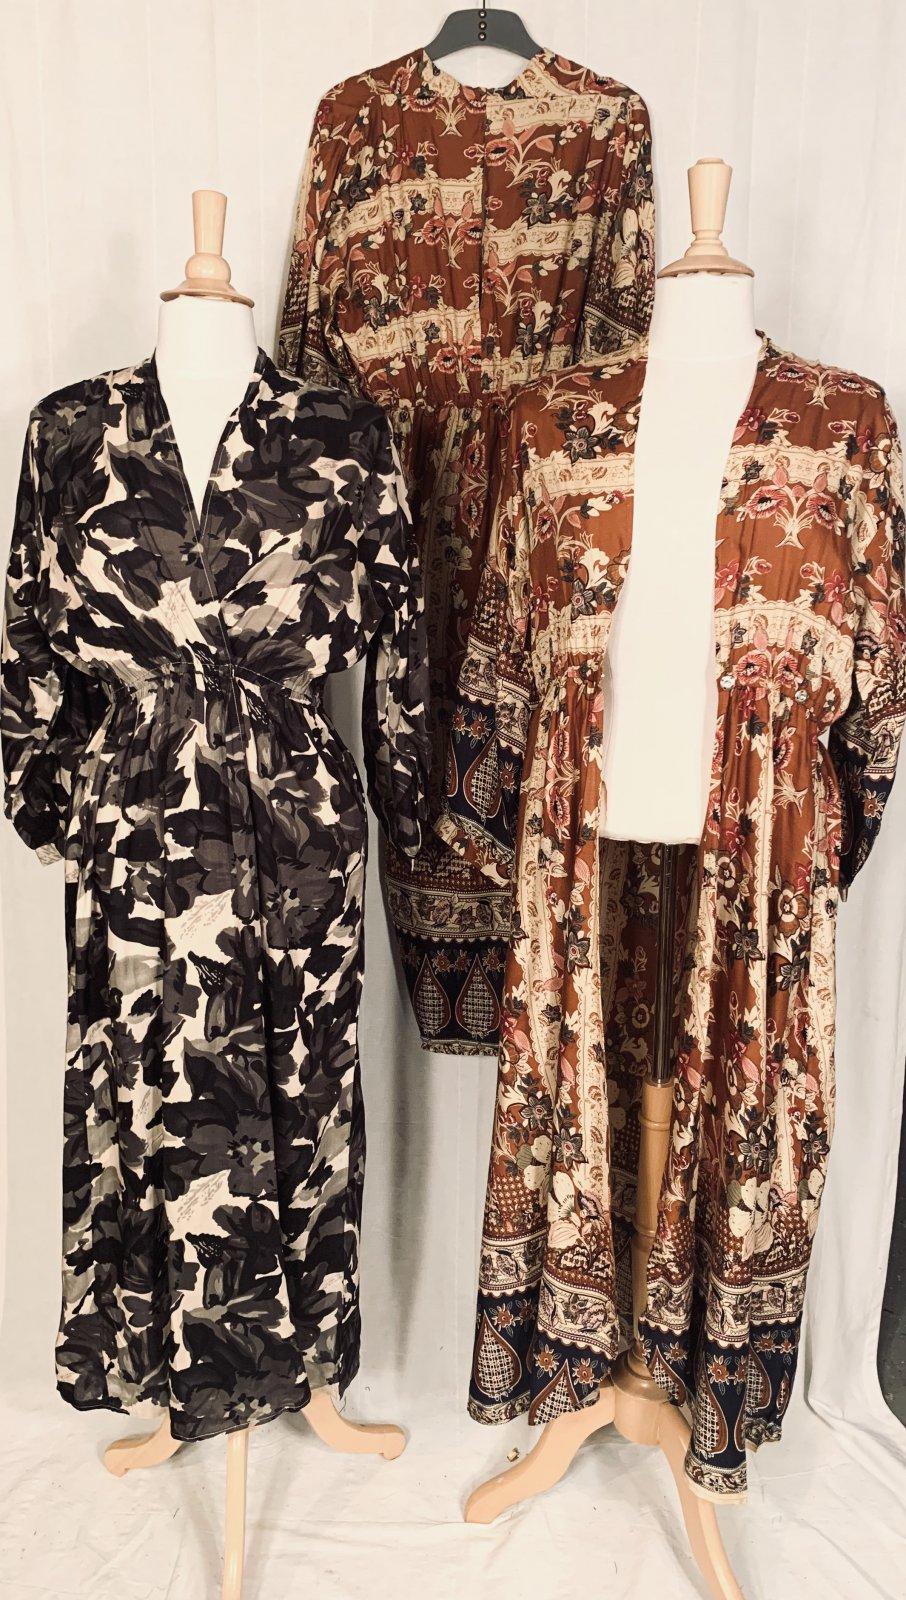 Panache Kimonos